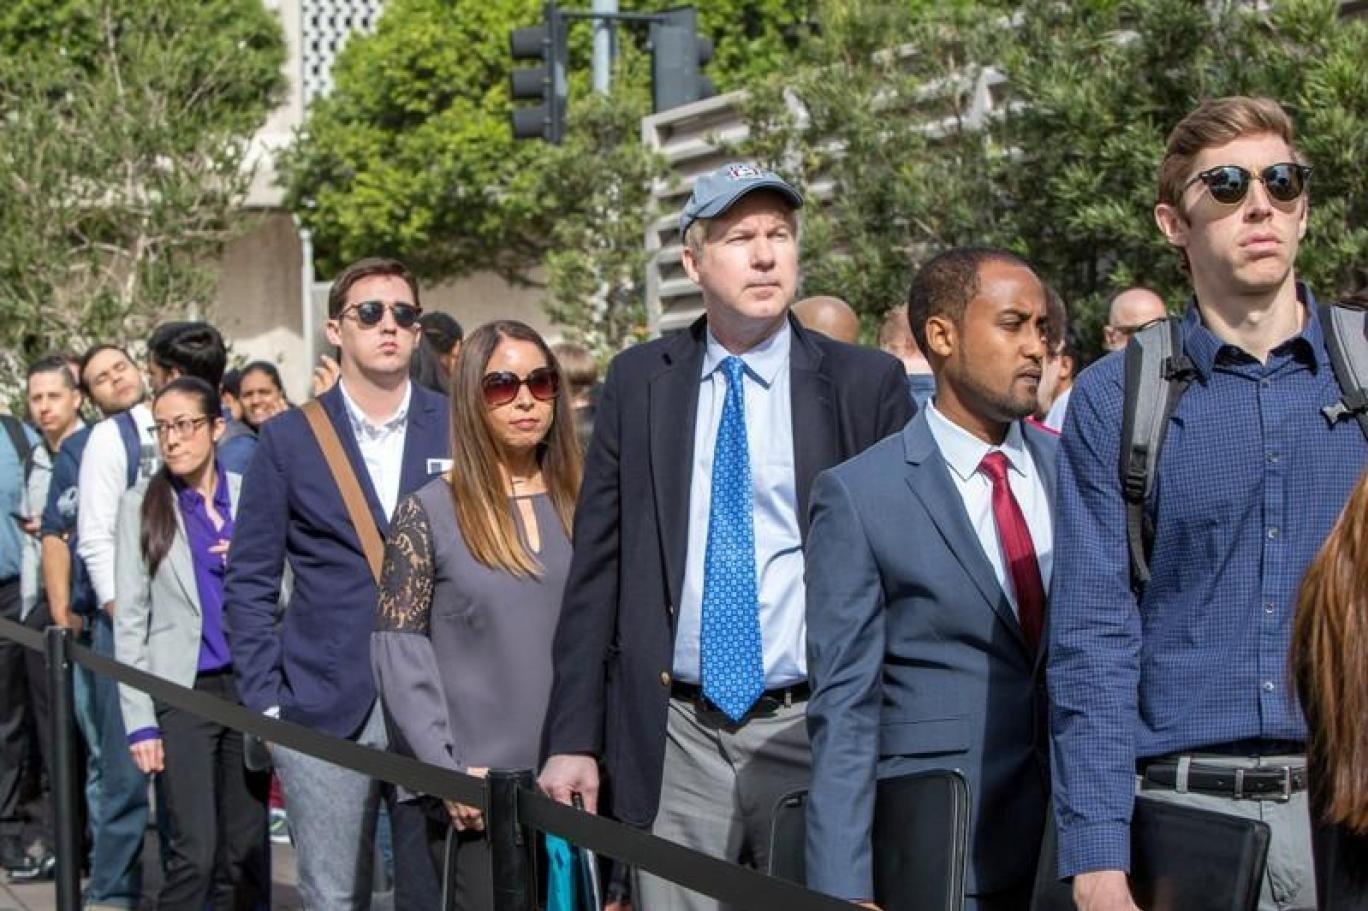 أفادت تقارير لوزارة العمل الأميركية بأن جائحة كورونا دمّرت 20.5 مليون وظيفة أميركية خلال شهر نيسان/أبريل فقط